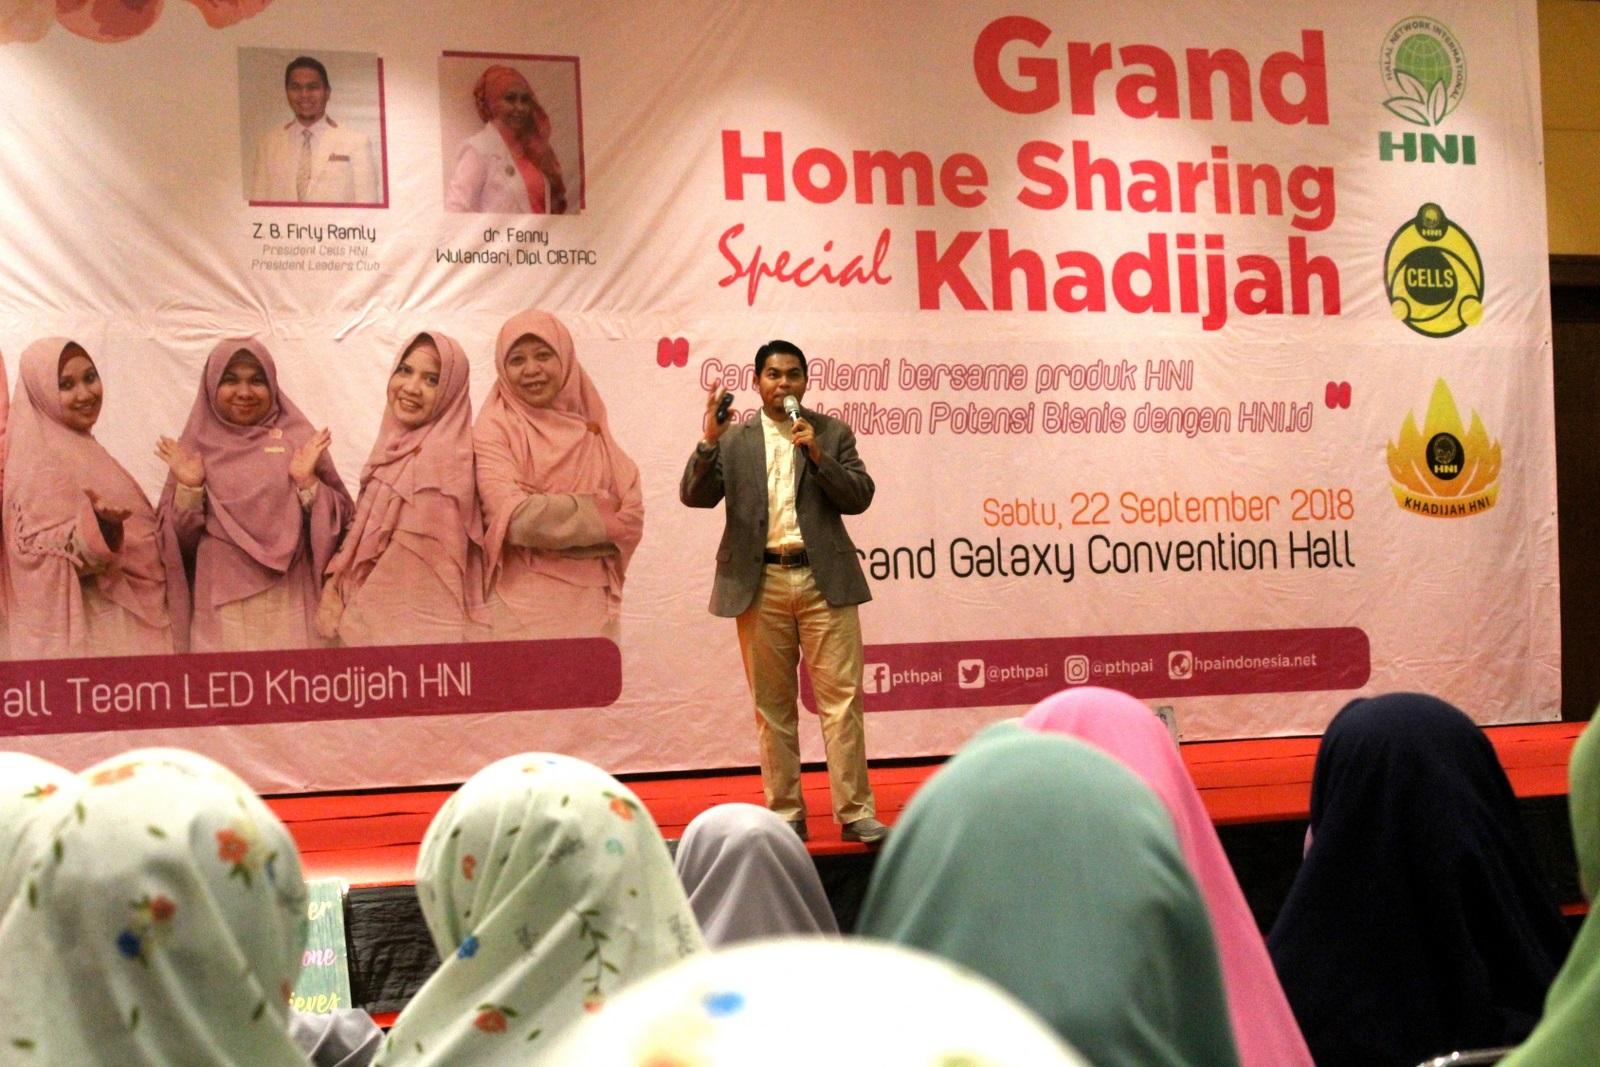 Grand Home Sharing Special Khadijah – Bekasi